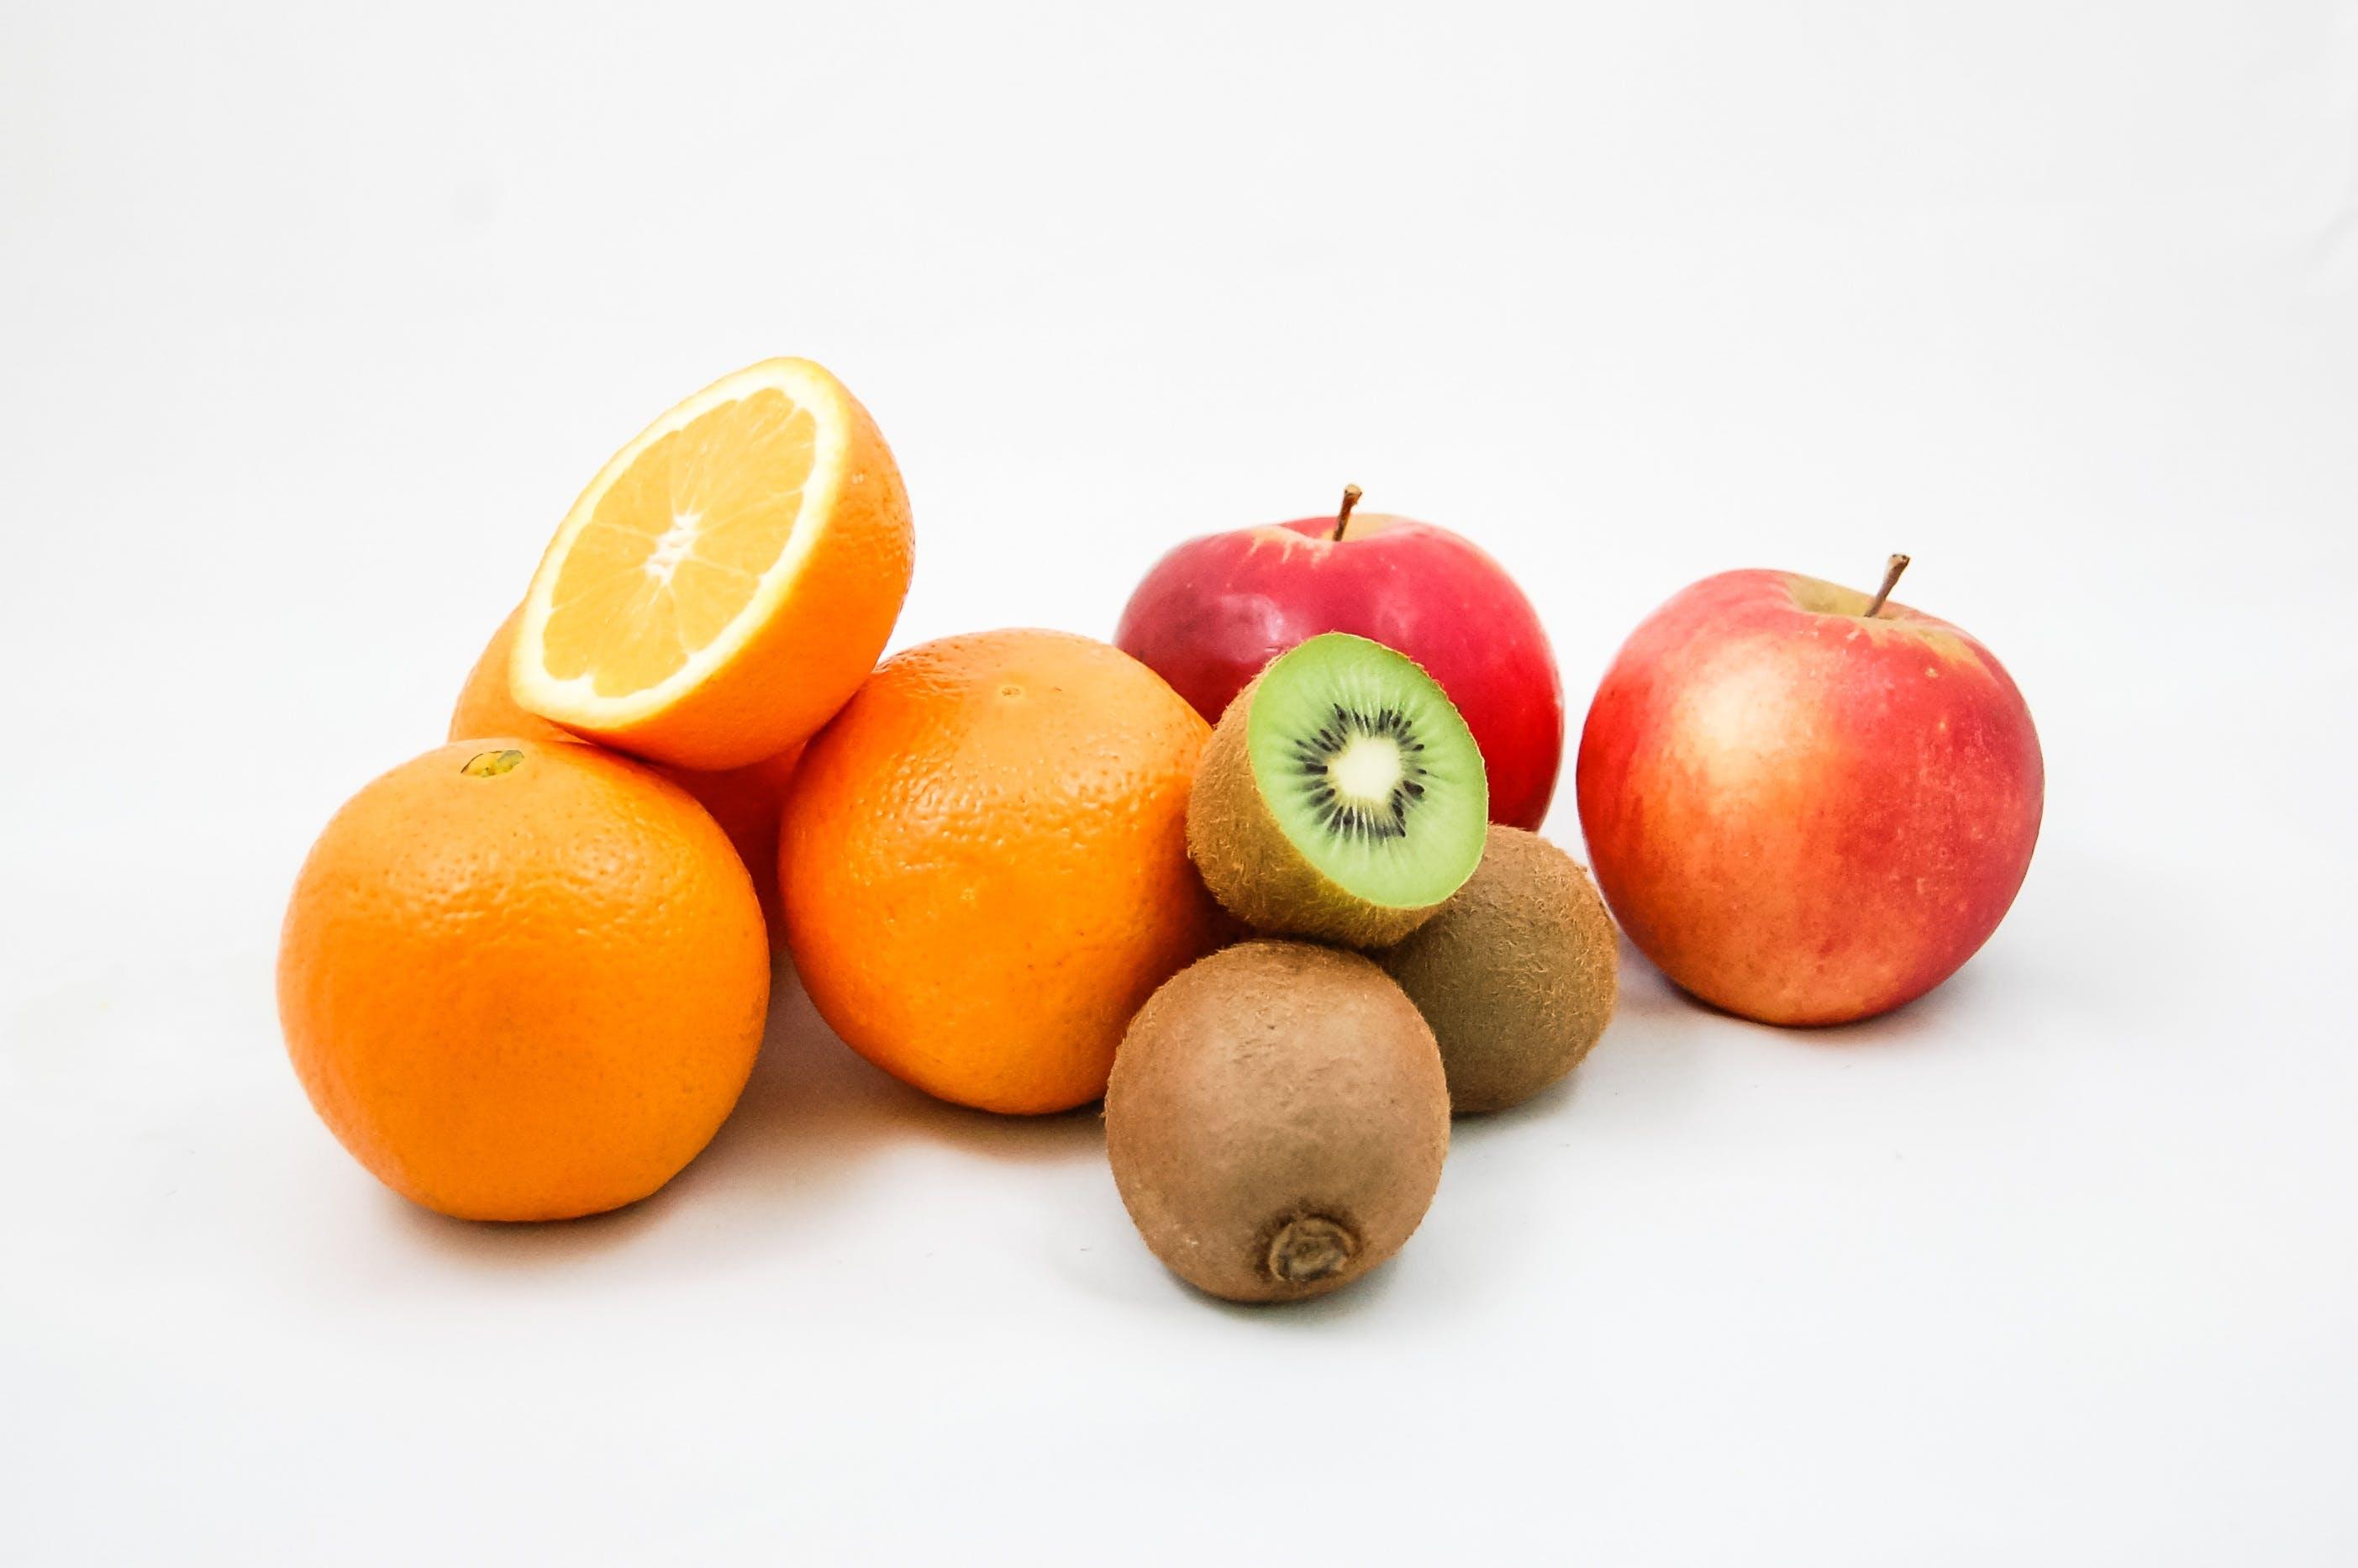 Gratis stockfoto met appels, eten, fris, kiwi's